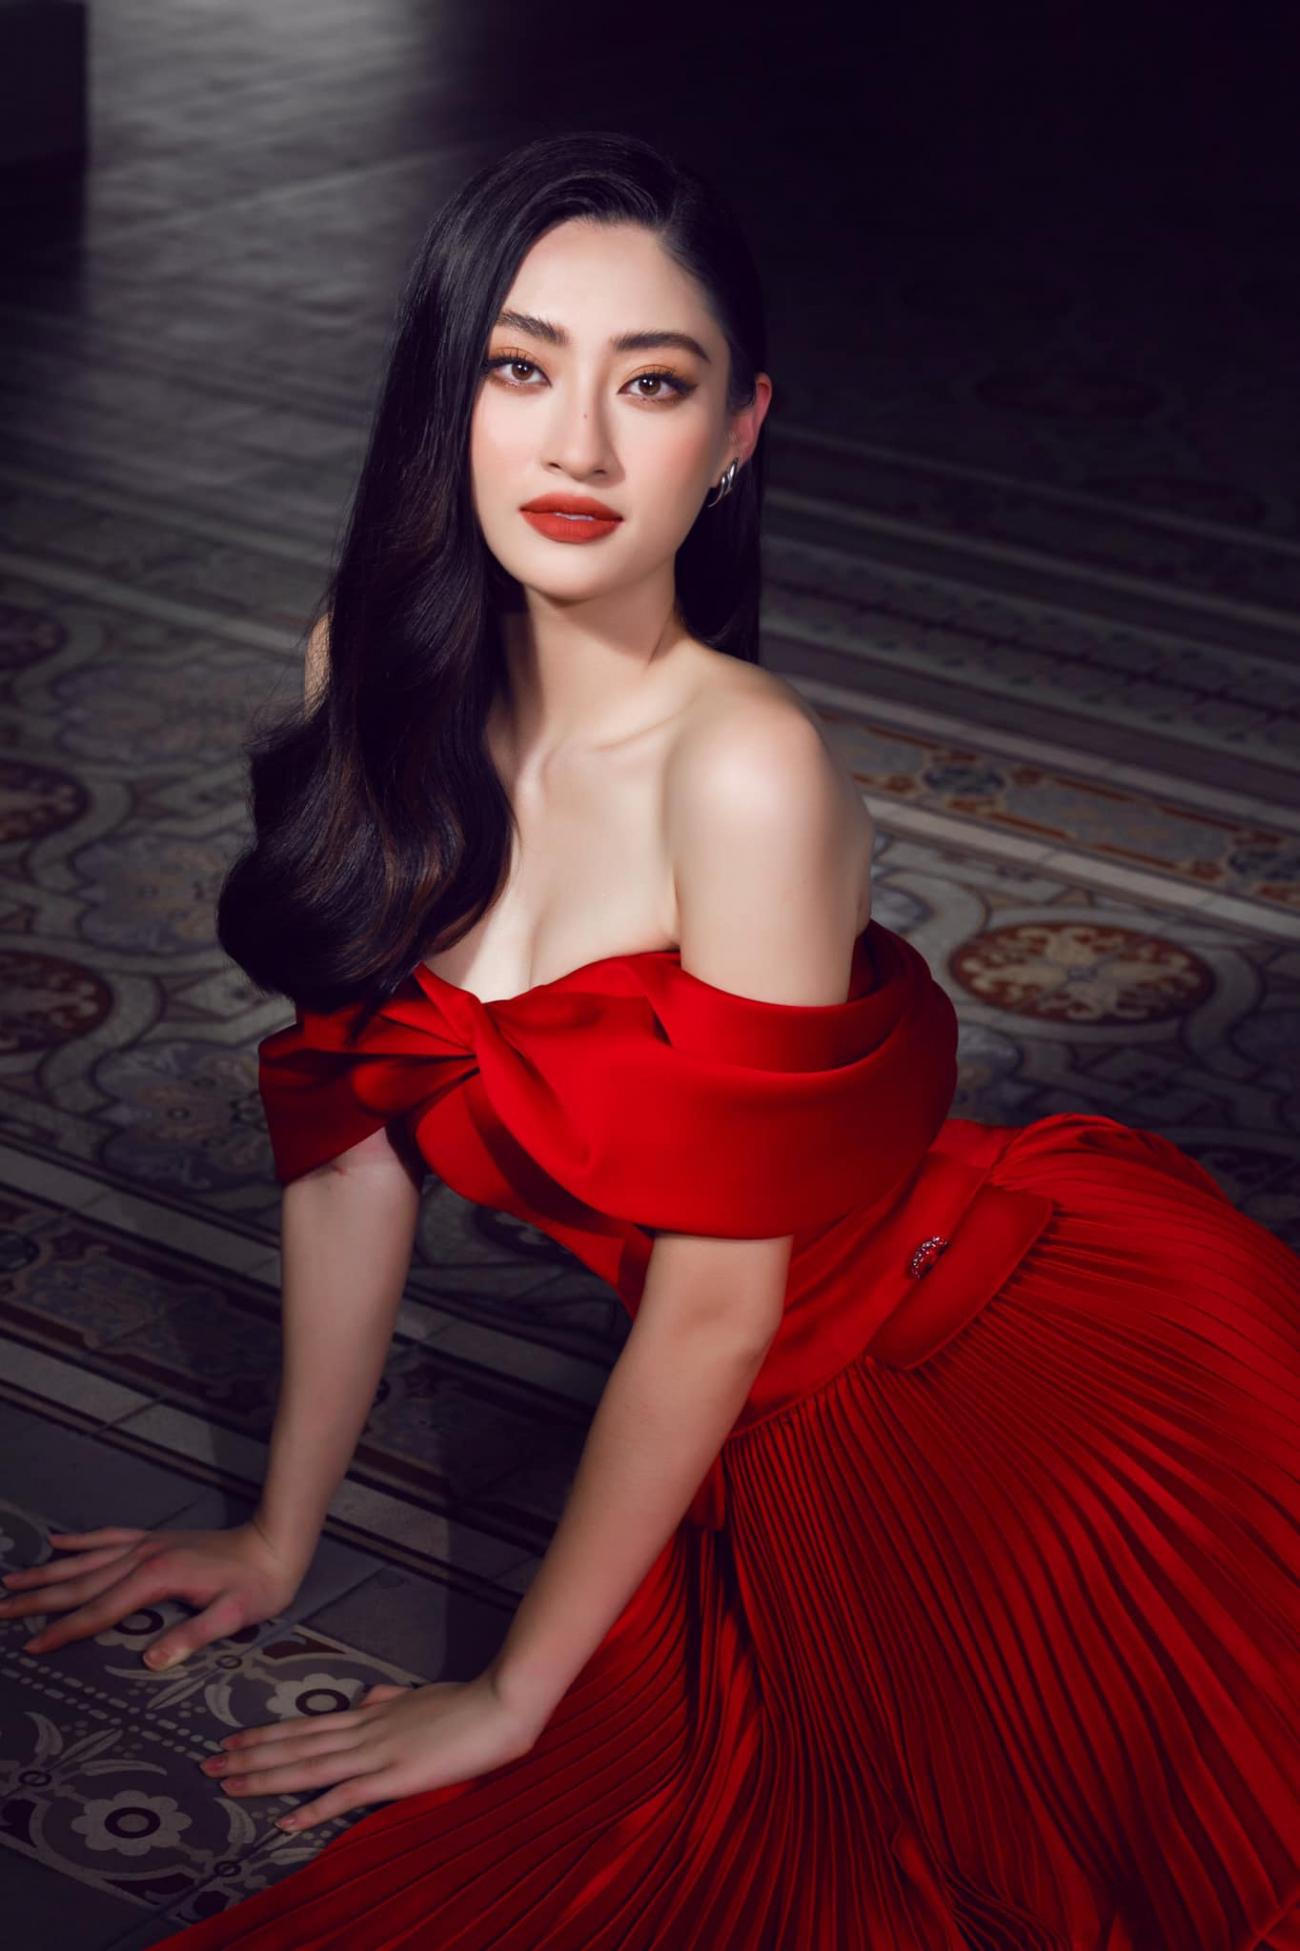 Hoa hậu Lương Thùy Linh ngày càng nóng bỏng